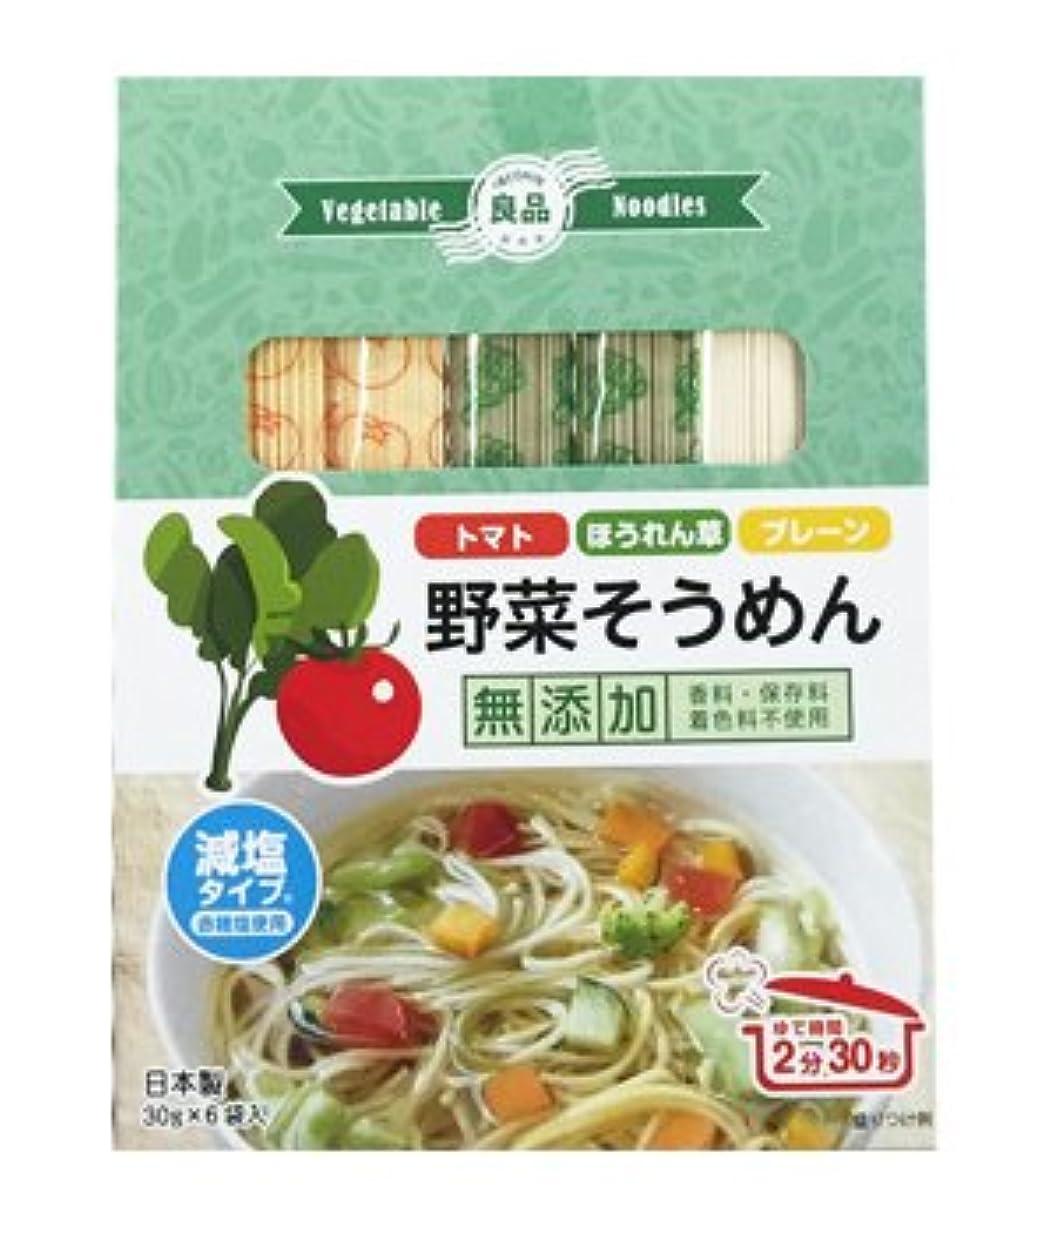 対称成長するホールド良品 野菜そうめん(トマト?ほうれん草?プレーン) 30g×6袋入